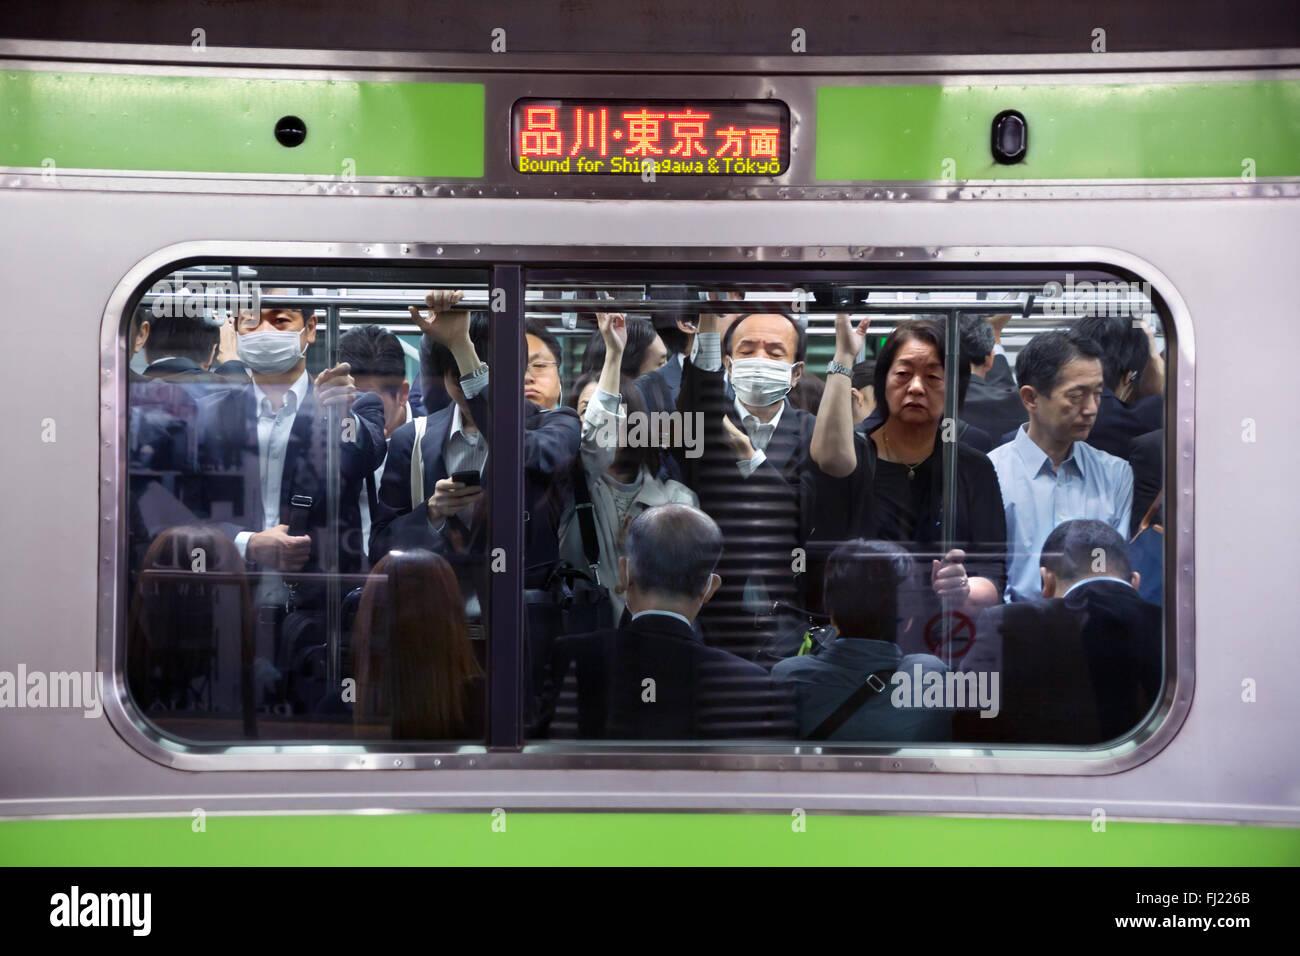 La folla e il traffico delle ore di punta al mattino presto per i dipendenti nella metropolitana di Tokyo , Giappone Immagini Stock